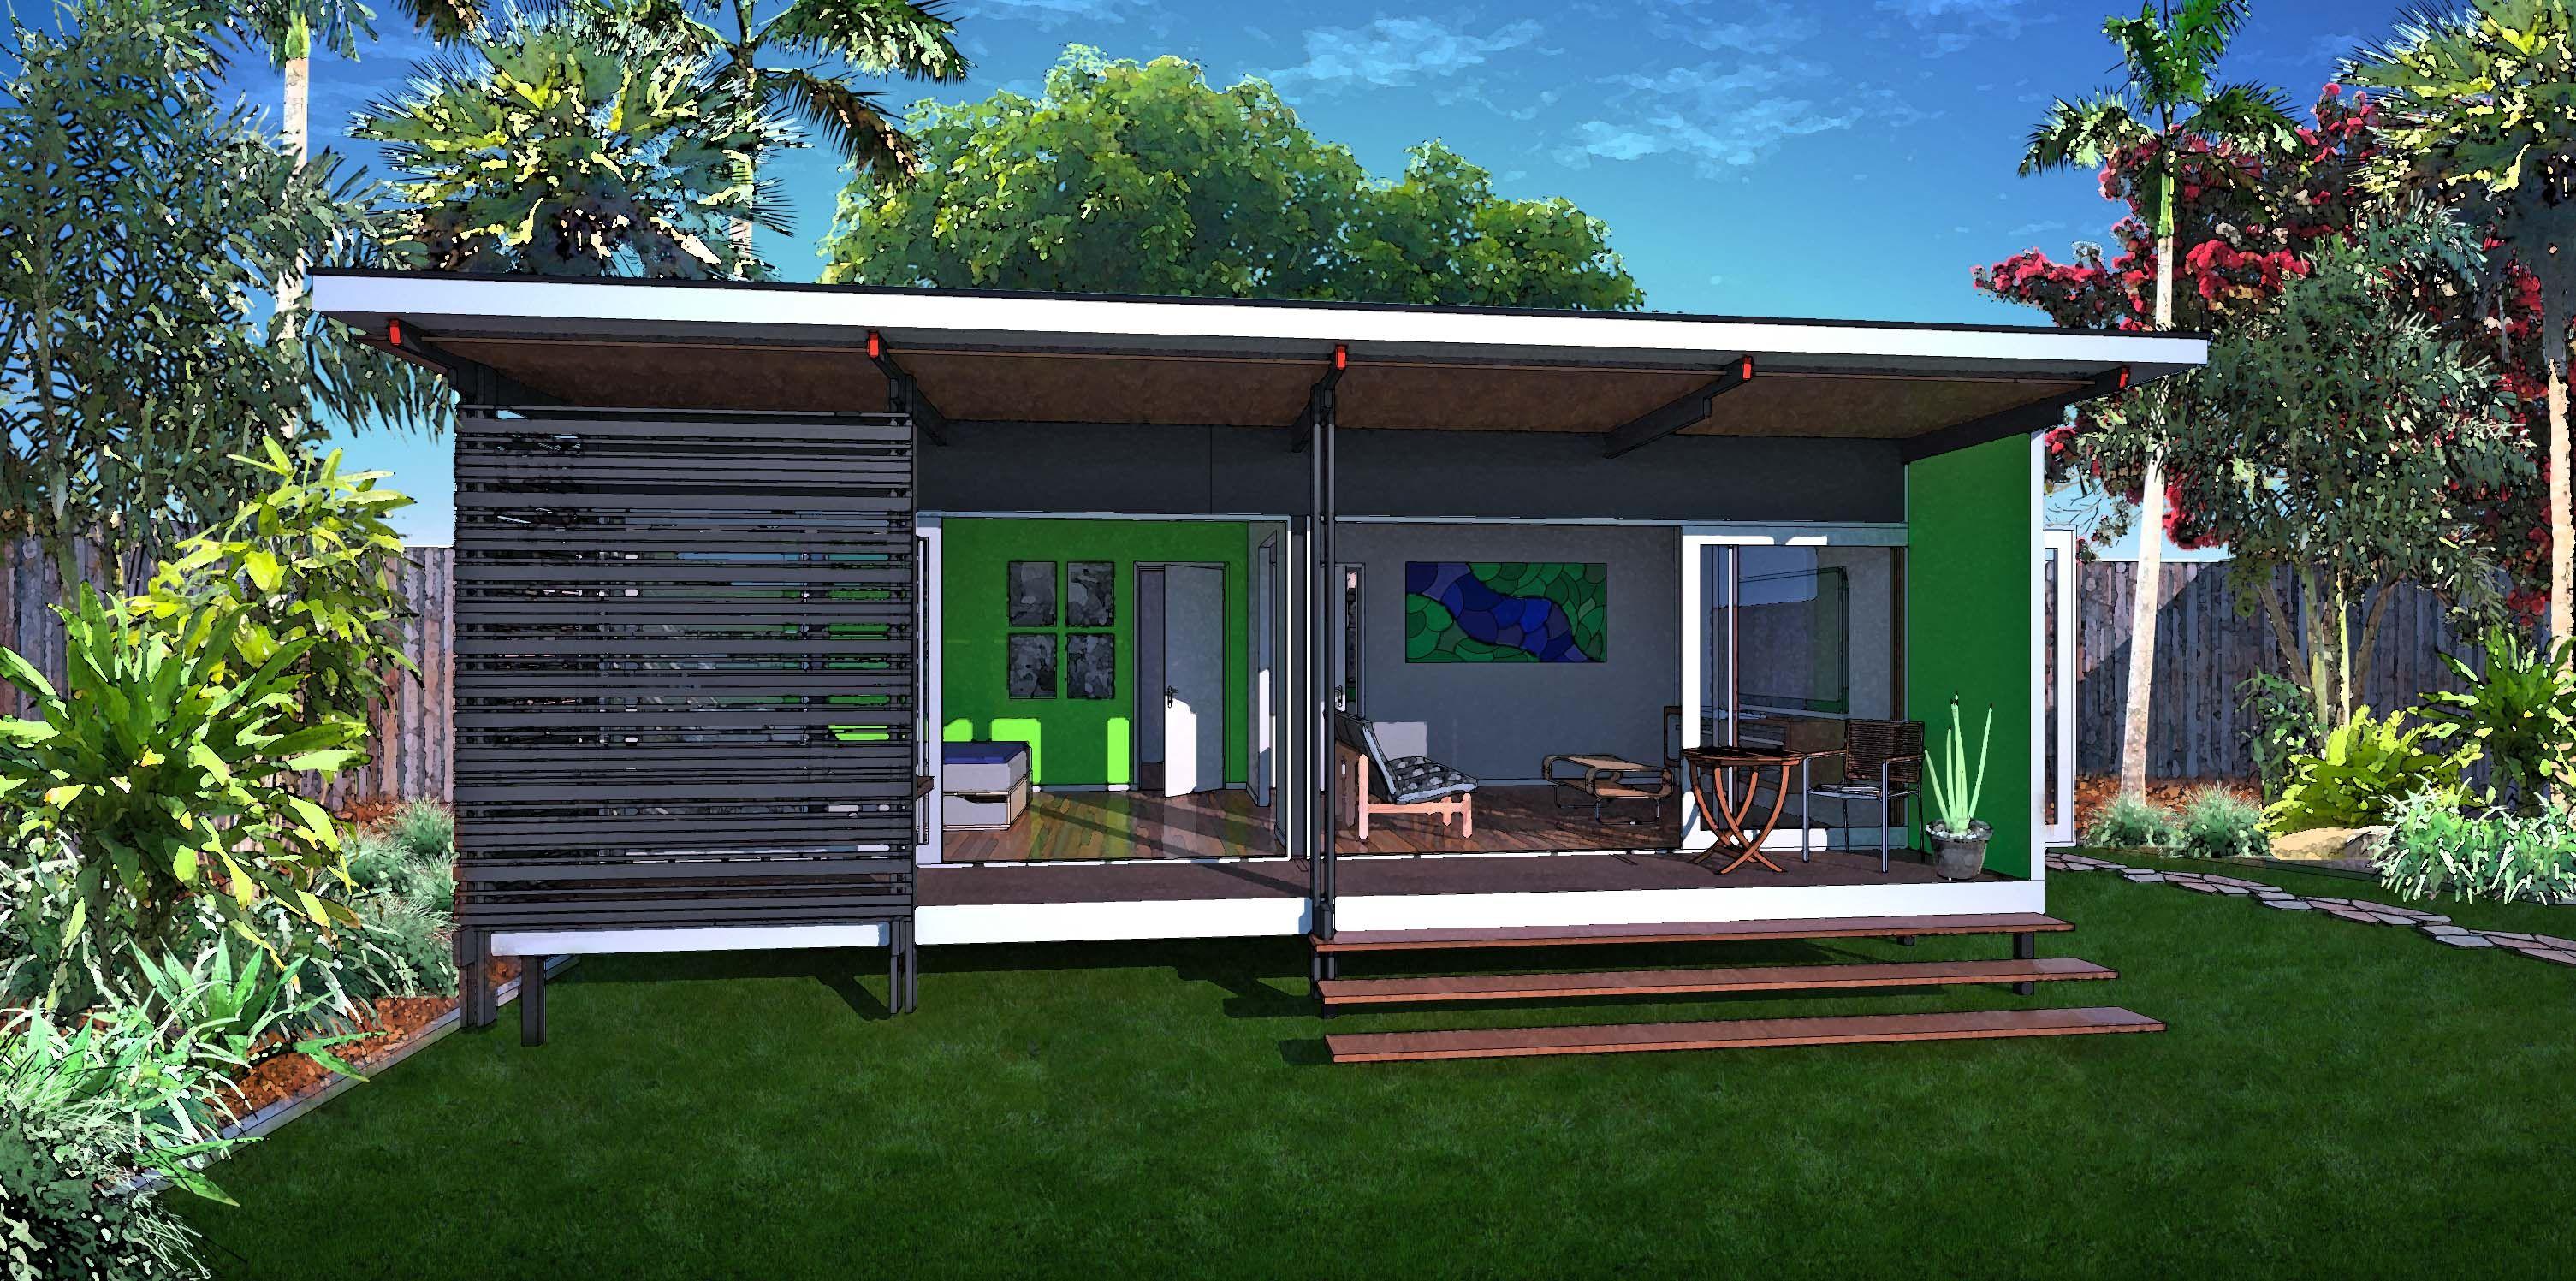 1 bedroom 35sqm granny flat retreat baahouse designs for 3 bedroom granny flat designs